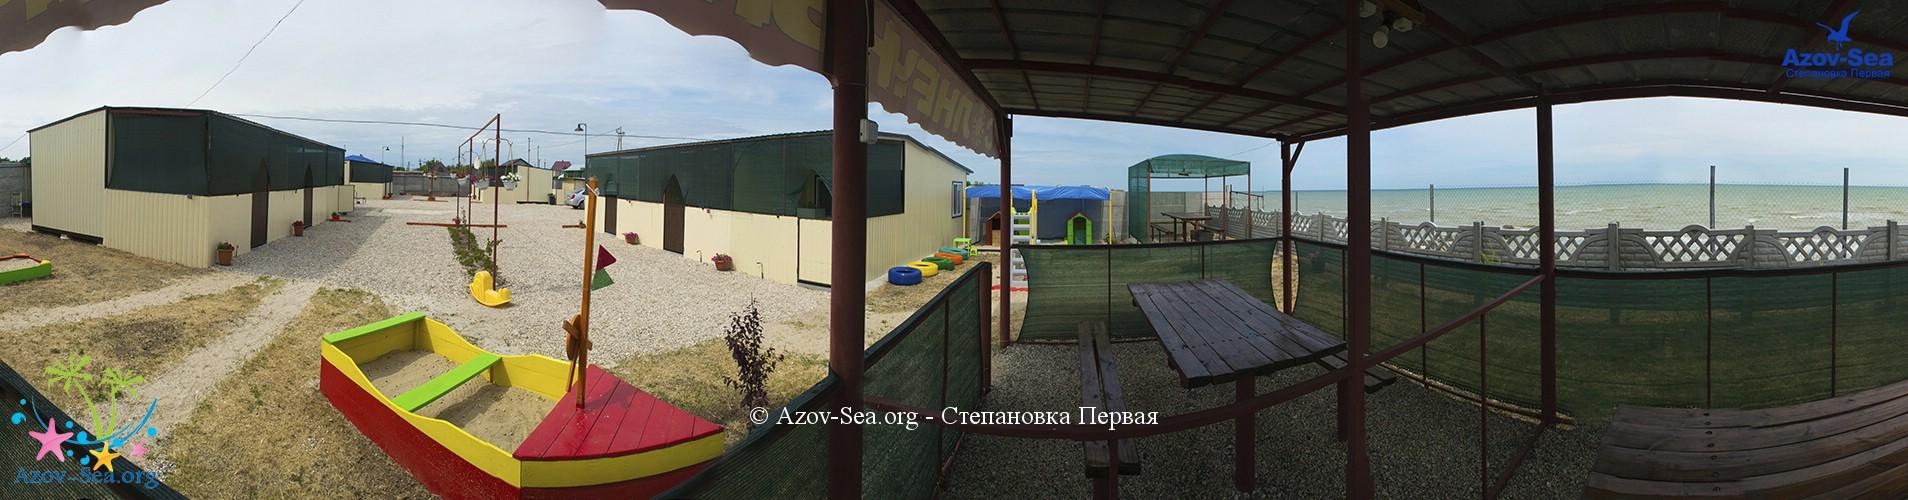 База отдыха Солнечный Берег. Степановка Первая